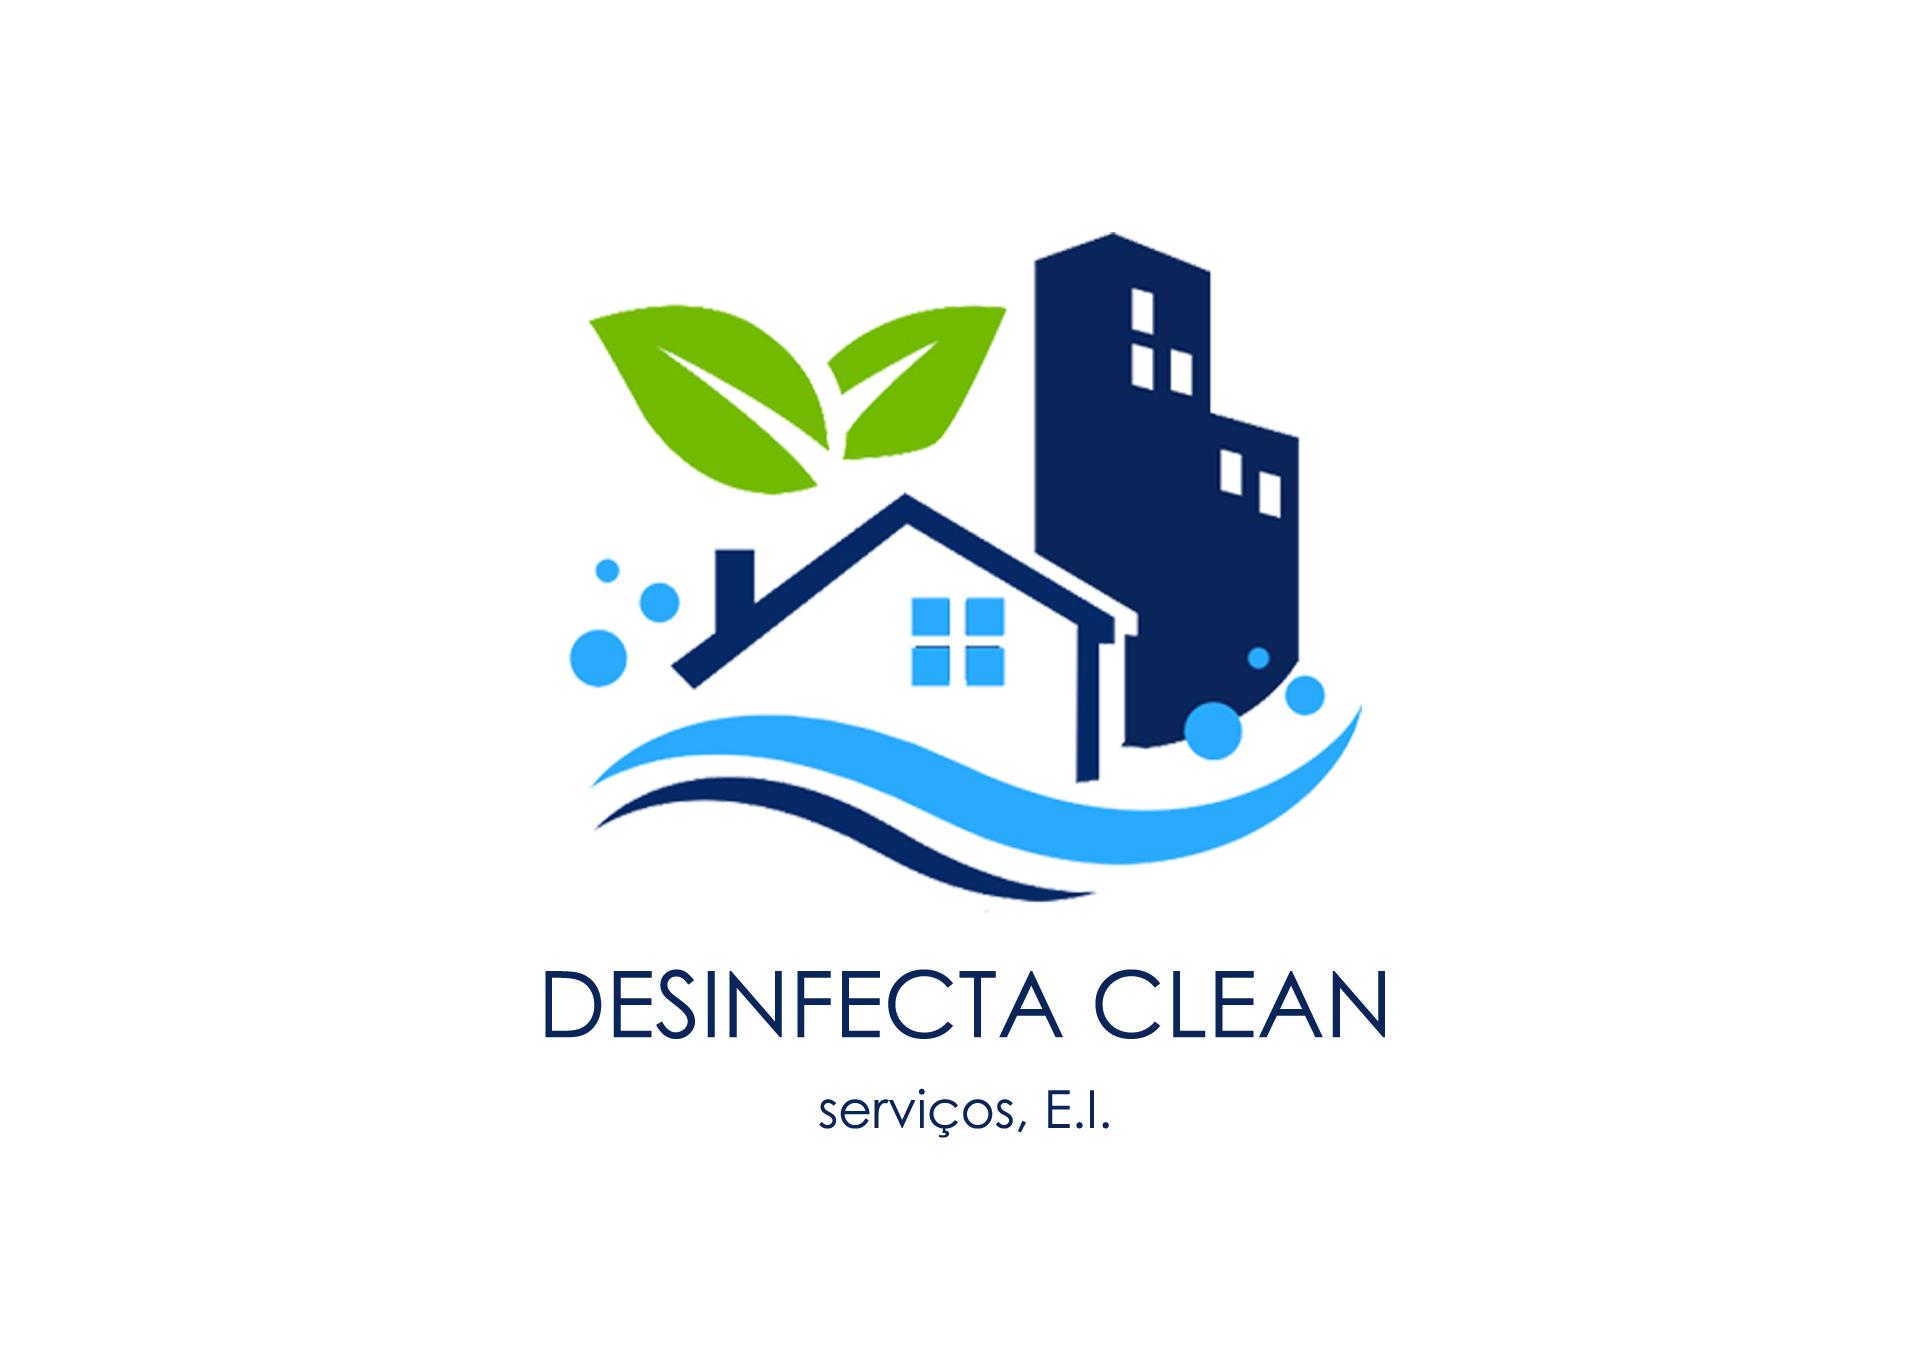 logotipo da Desinfecta clean e servicos e.i.